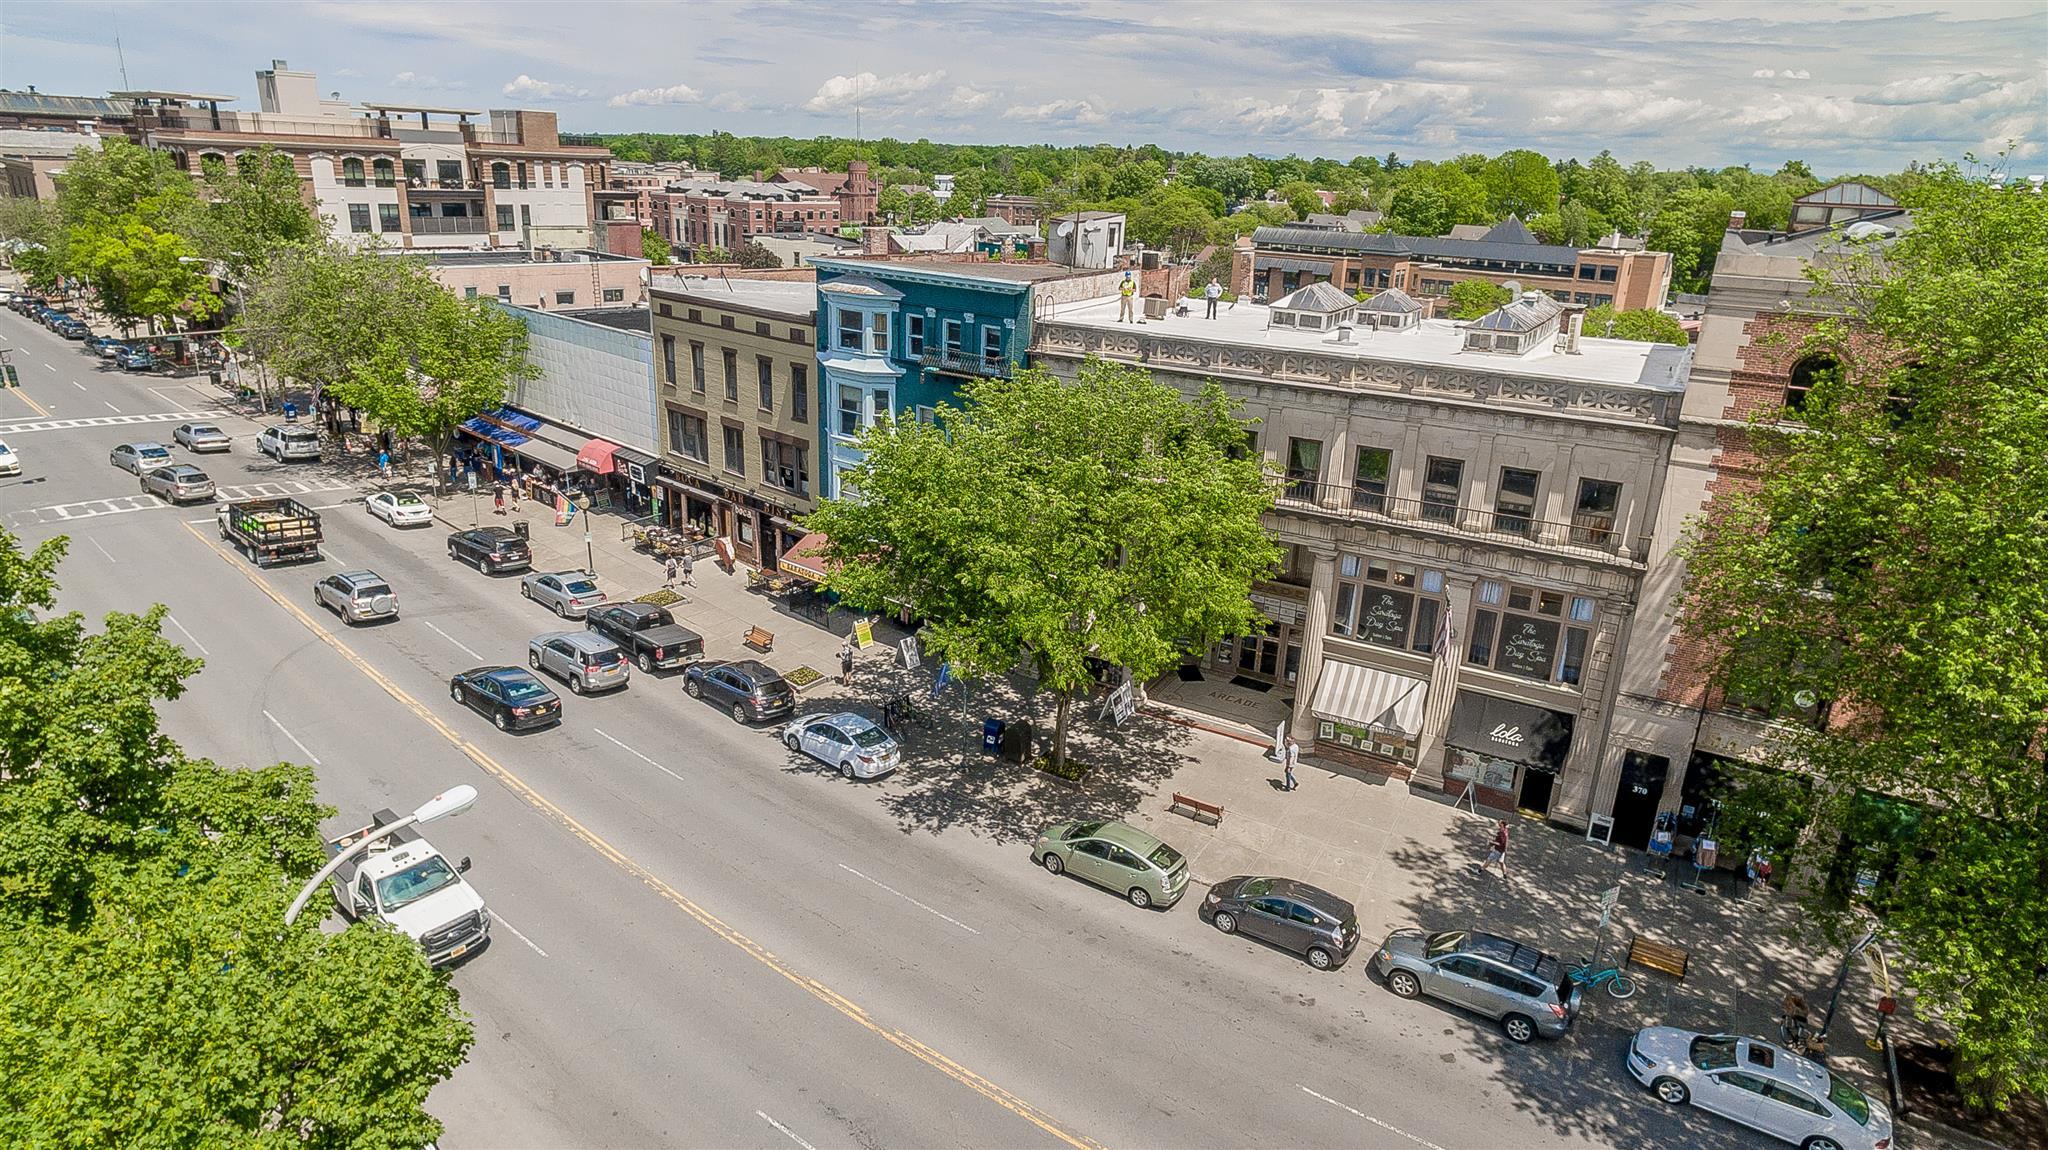 Saratoga S image 4